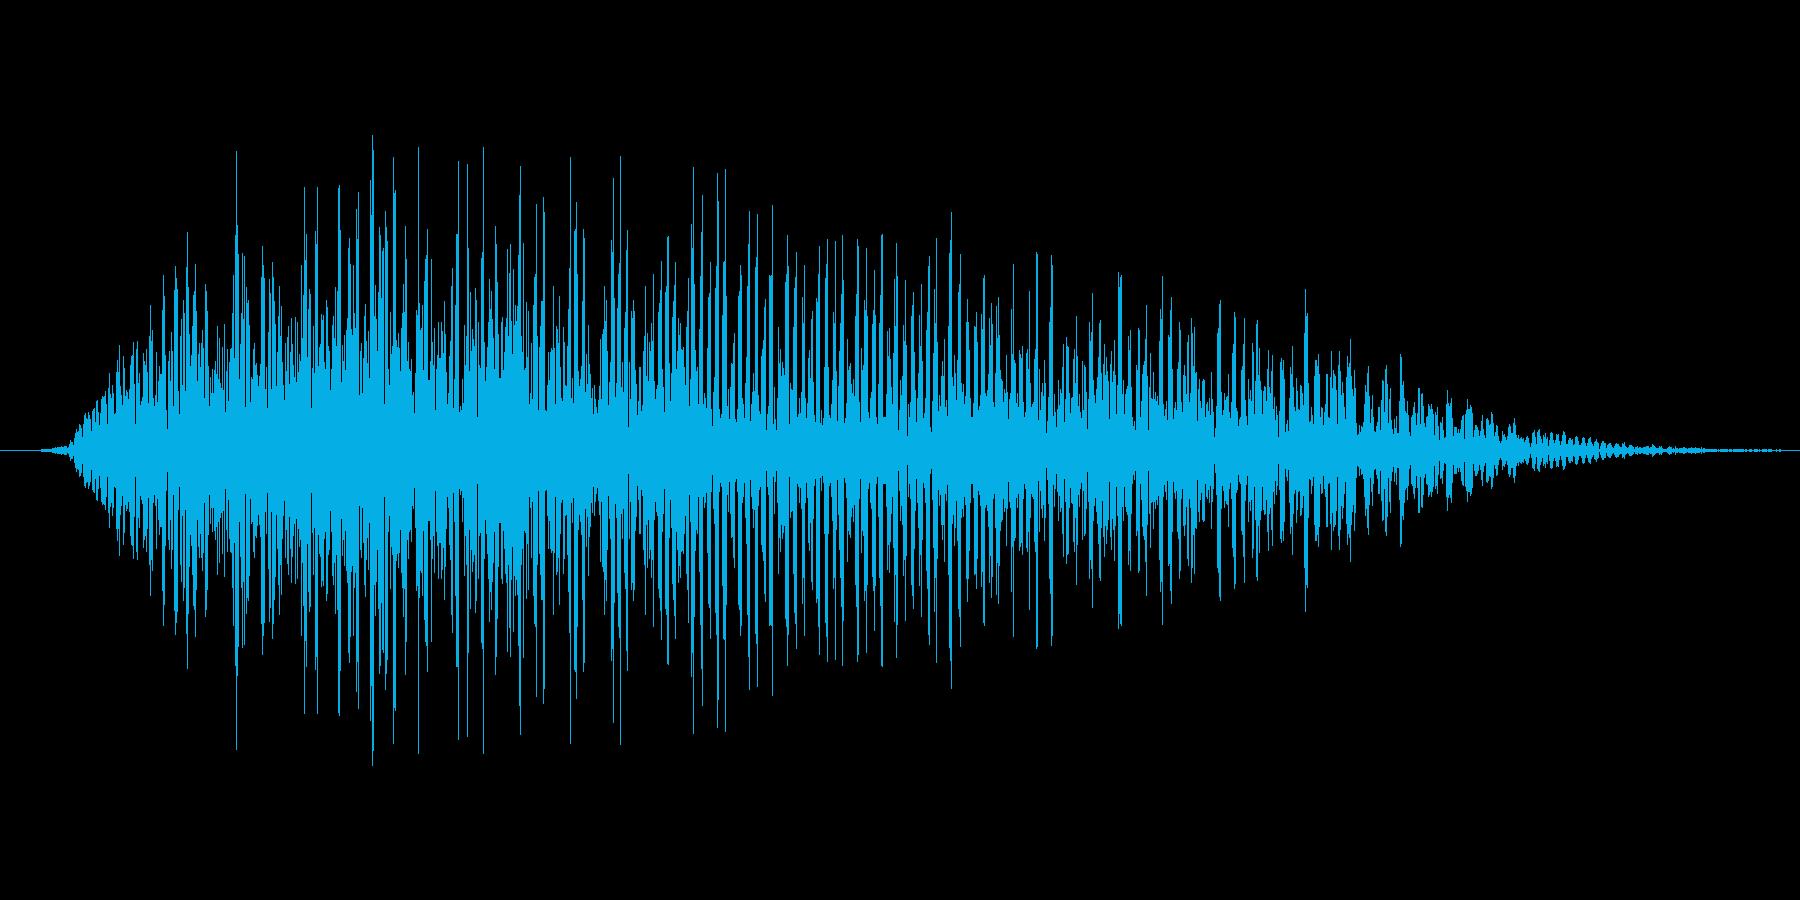 【ゾンビボイス】うなり声6の再生済みの波形